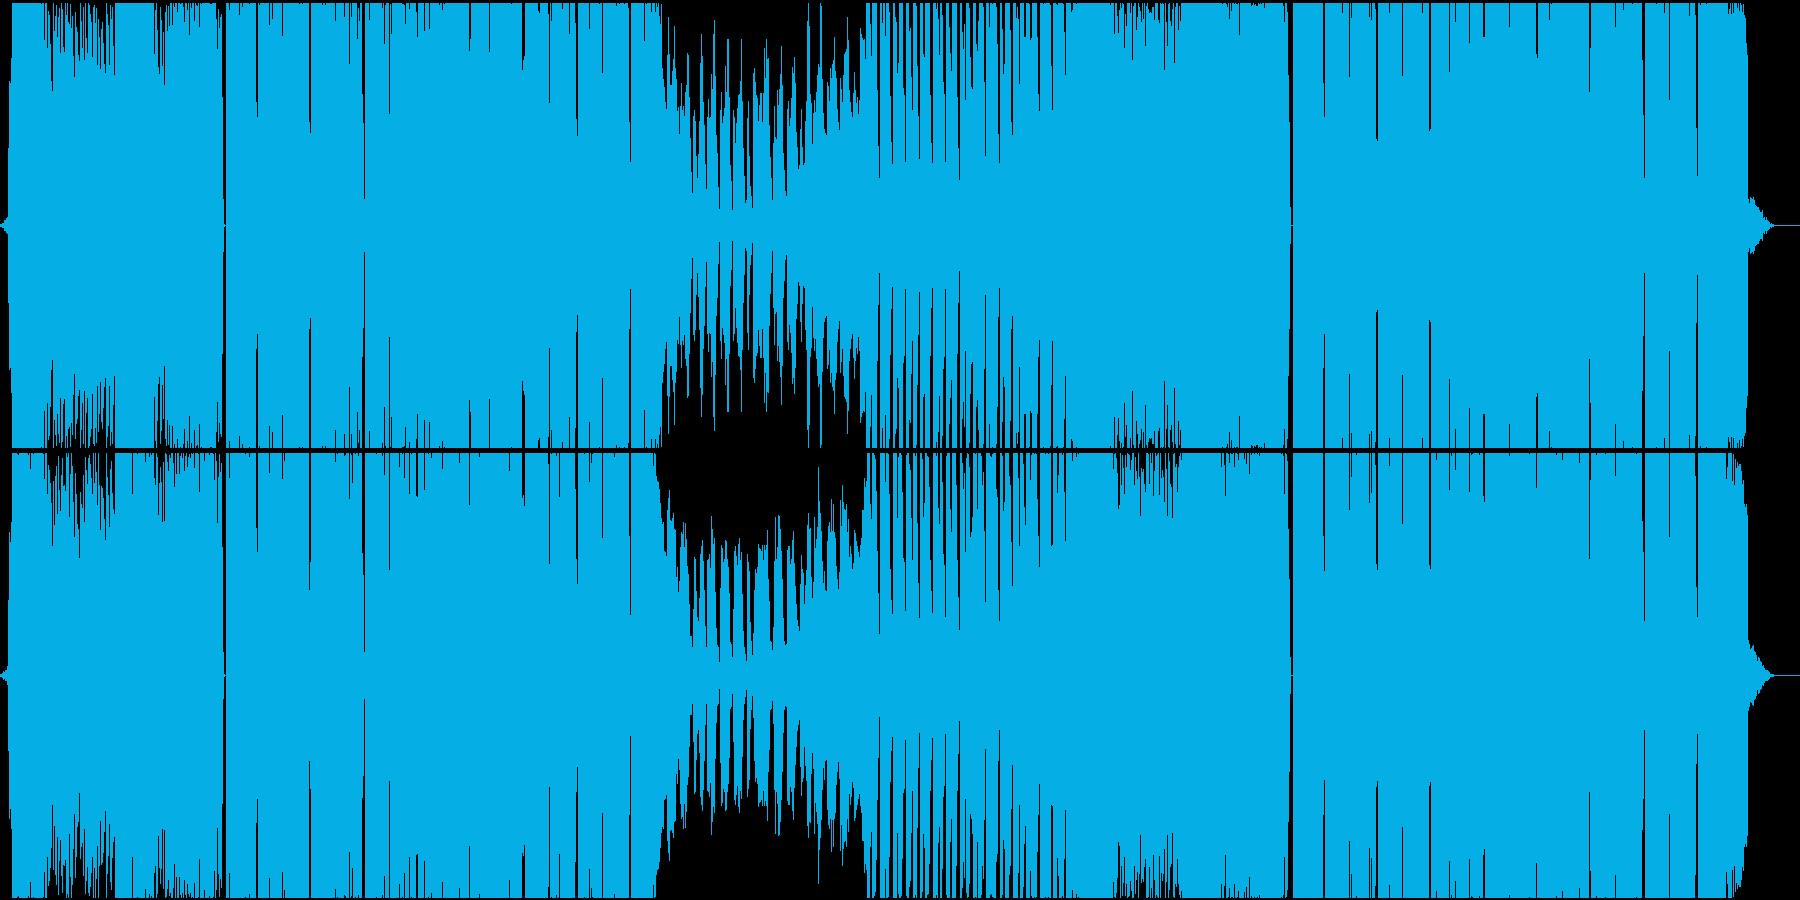 無機質でメタリックな近未来的サウンドの再生済みの波形